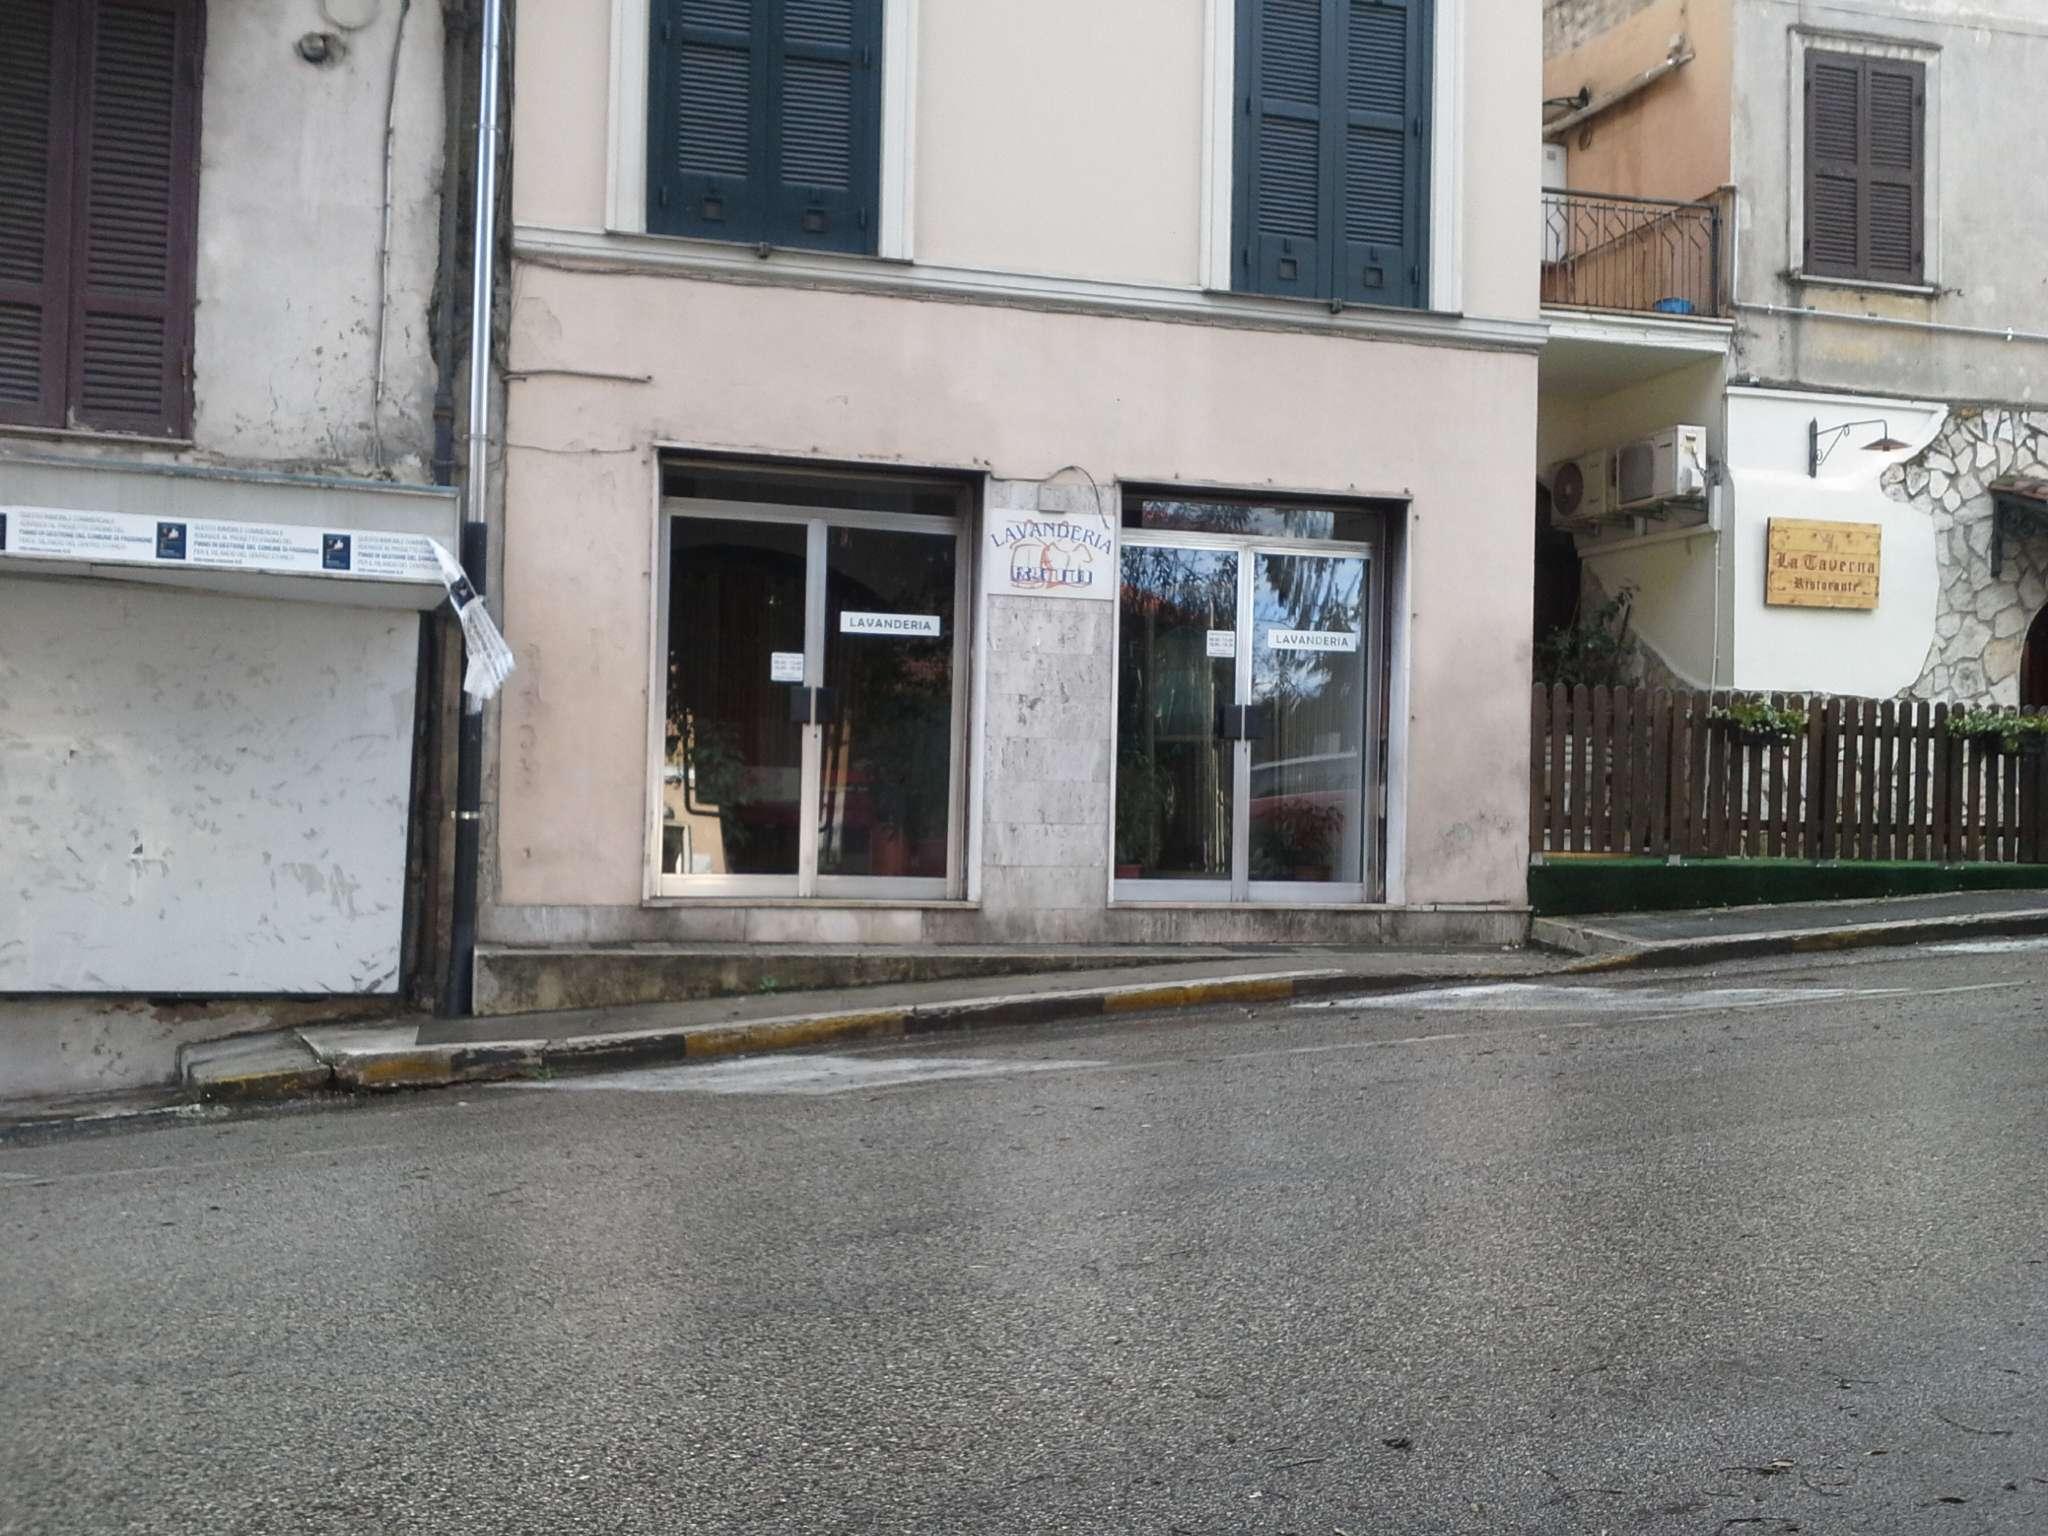 Negozio / Locale in vendita a Frosinone, 9999 locali, prezzo € 100.000 | CambioCasa.it